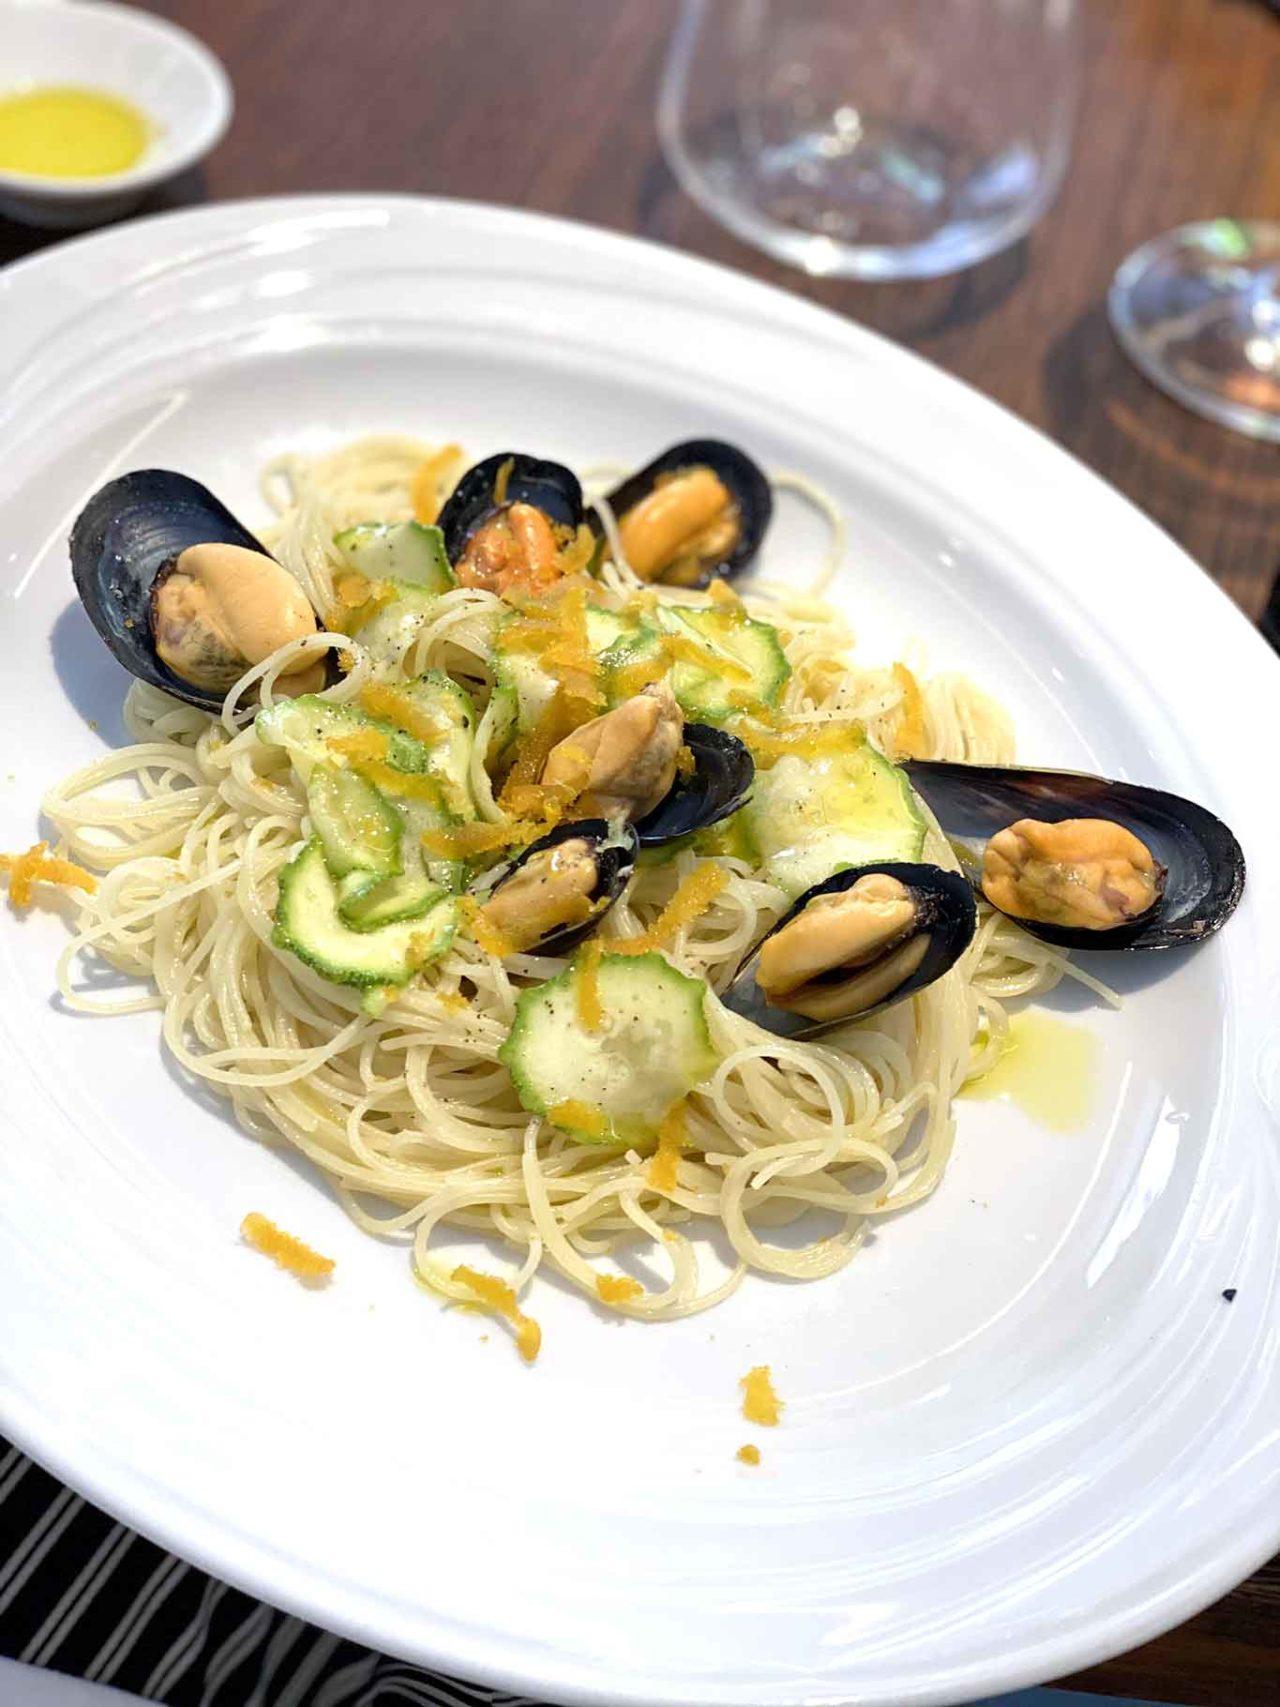 Acciuga ristorante di pesce a Roma superspaghettini cozze e zucchine